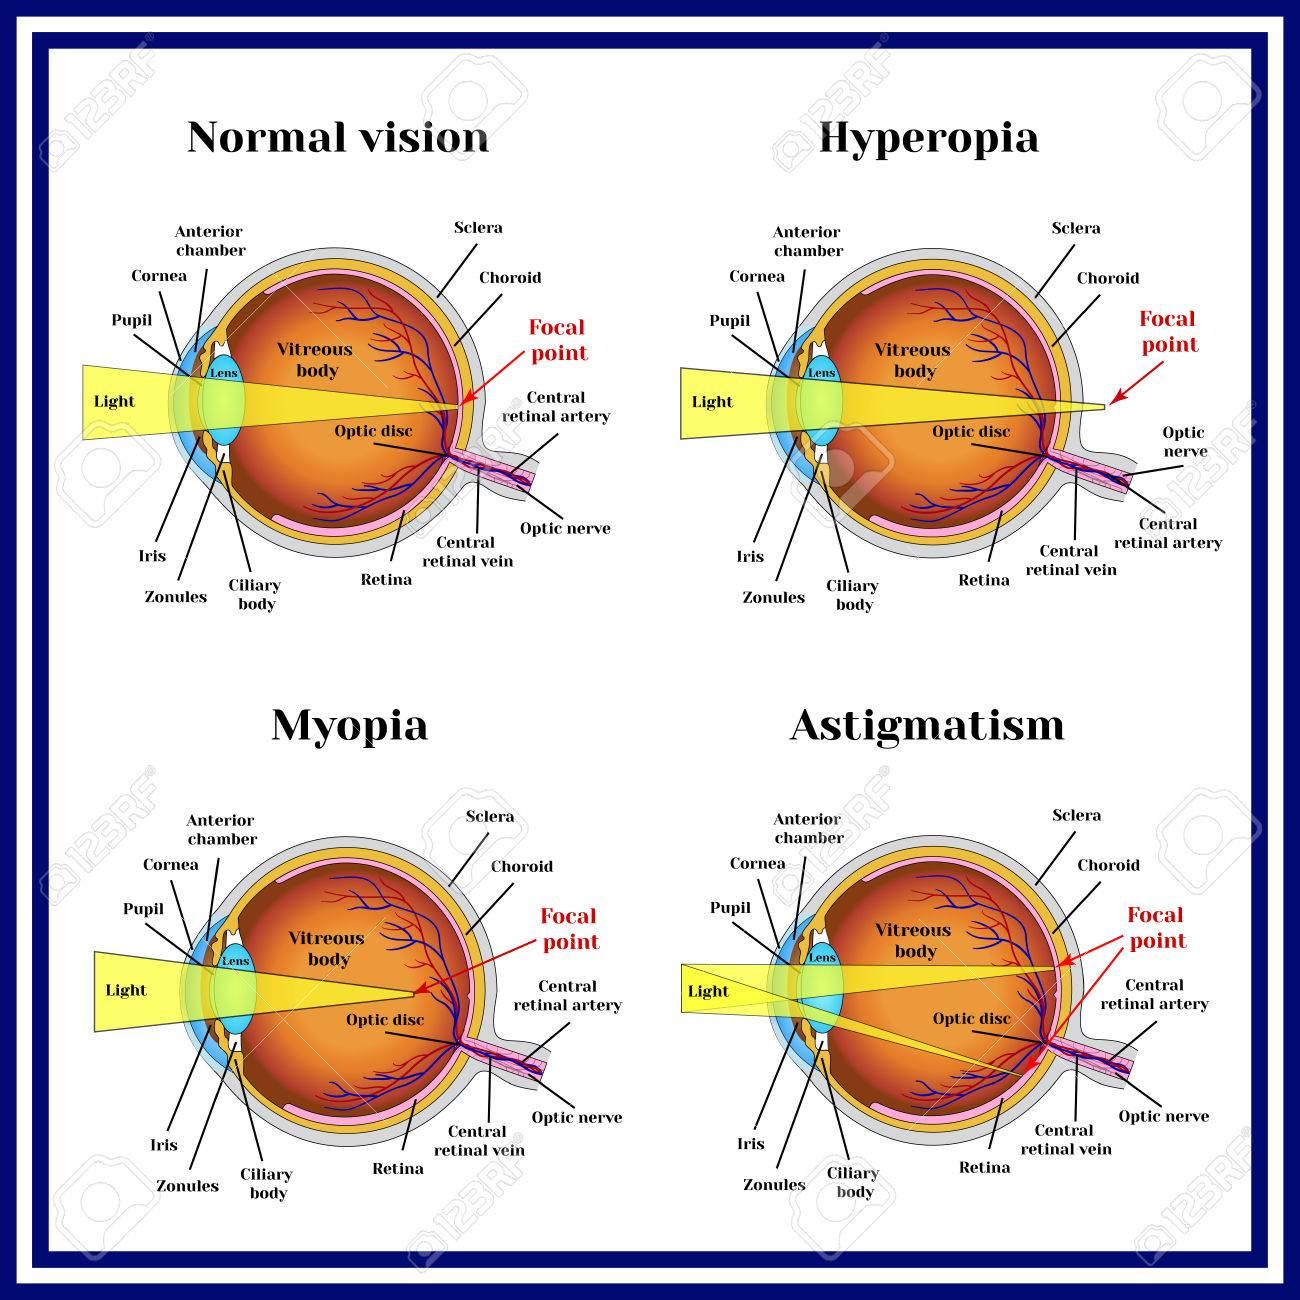 myopia hyperopia astigmatism kezelés